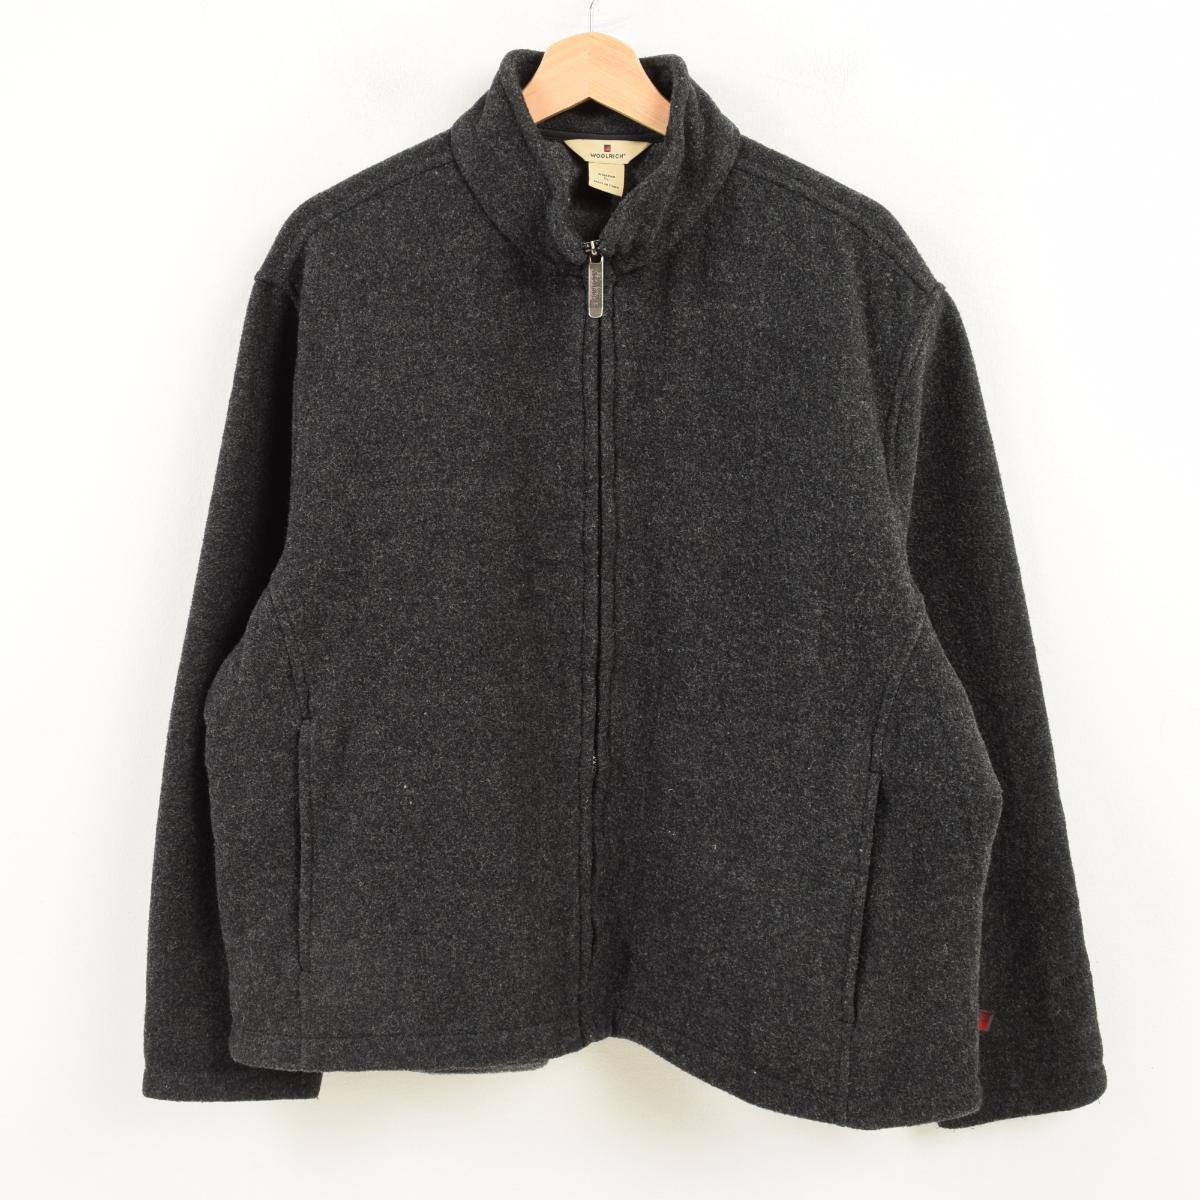 ウールリッチ WOOLRICH ウールジャケット レディースXL /wan8103 【中古】 【180303】